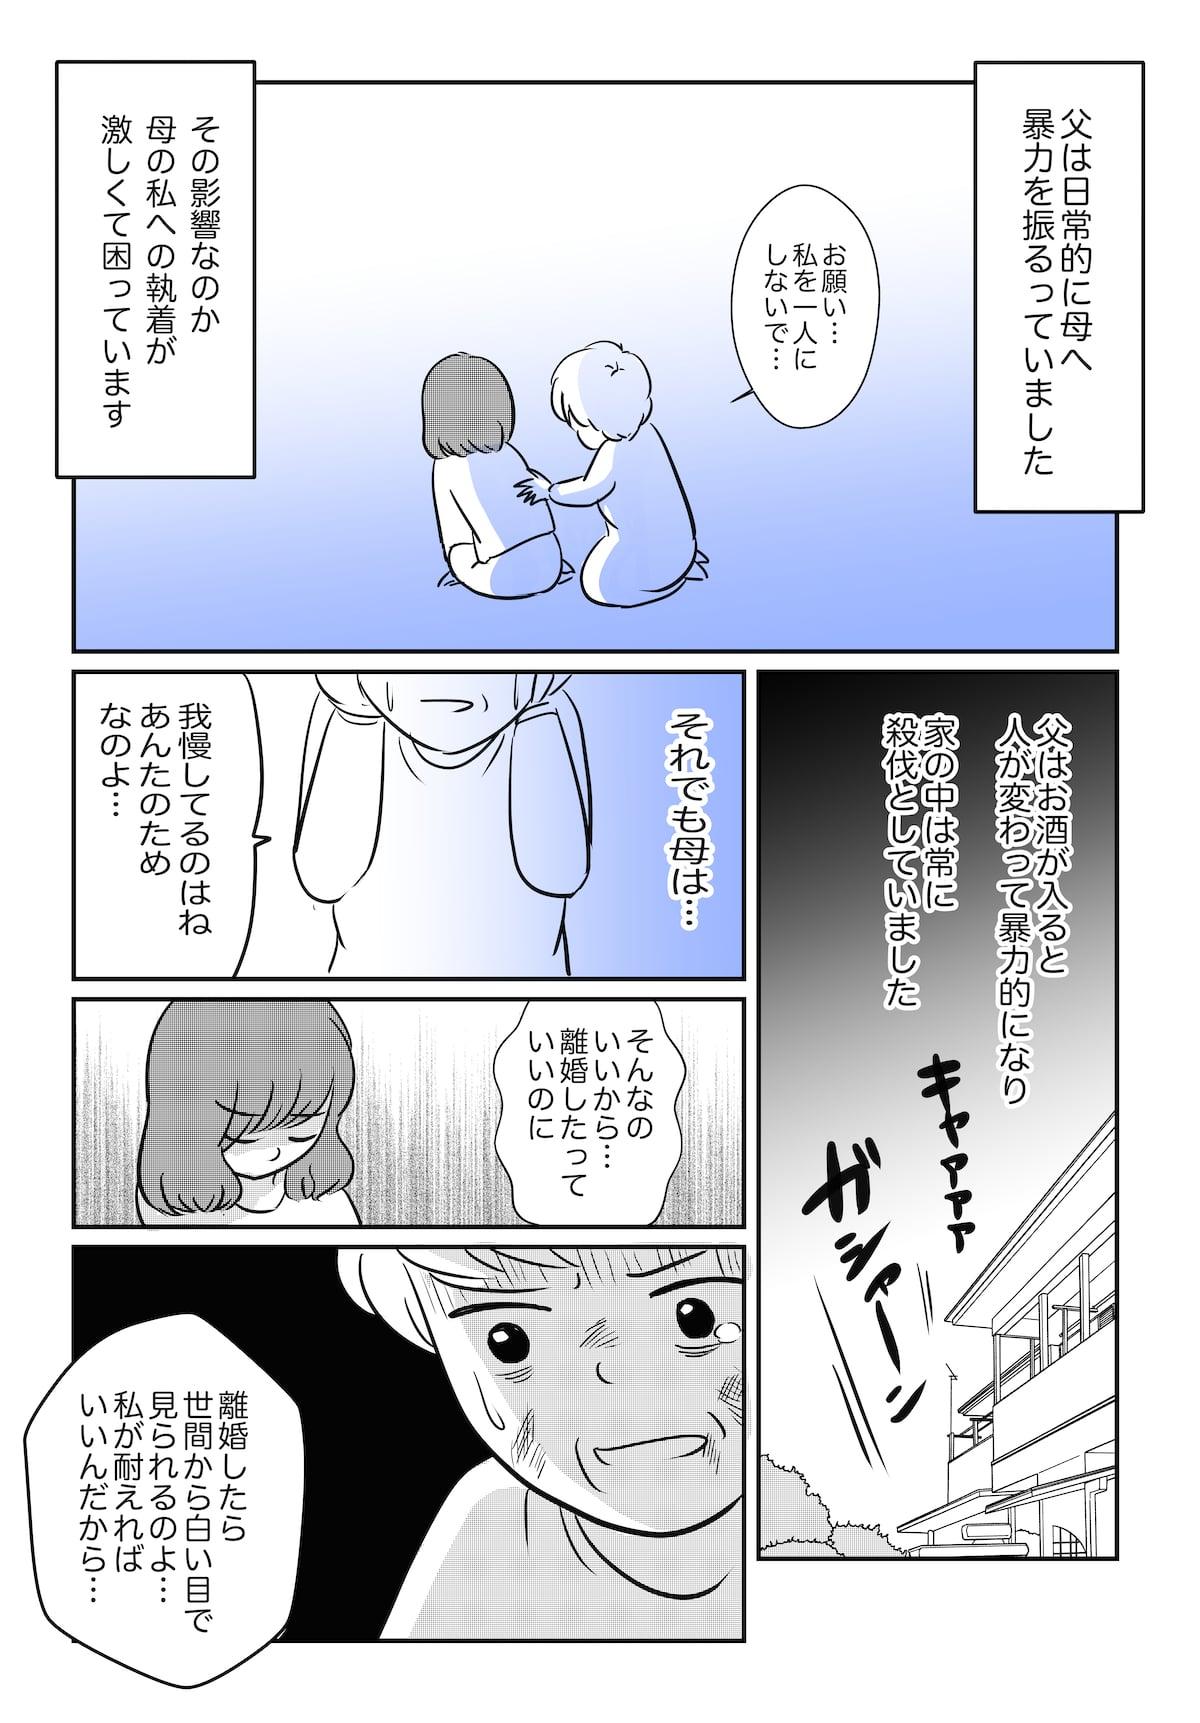 私に依存しすぎの母_001 (2)